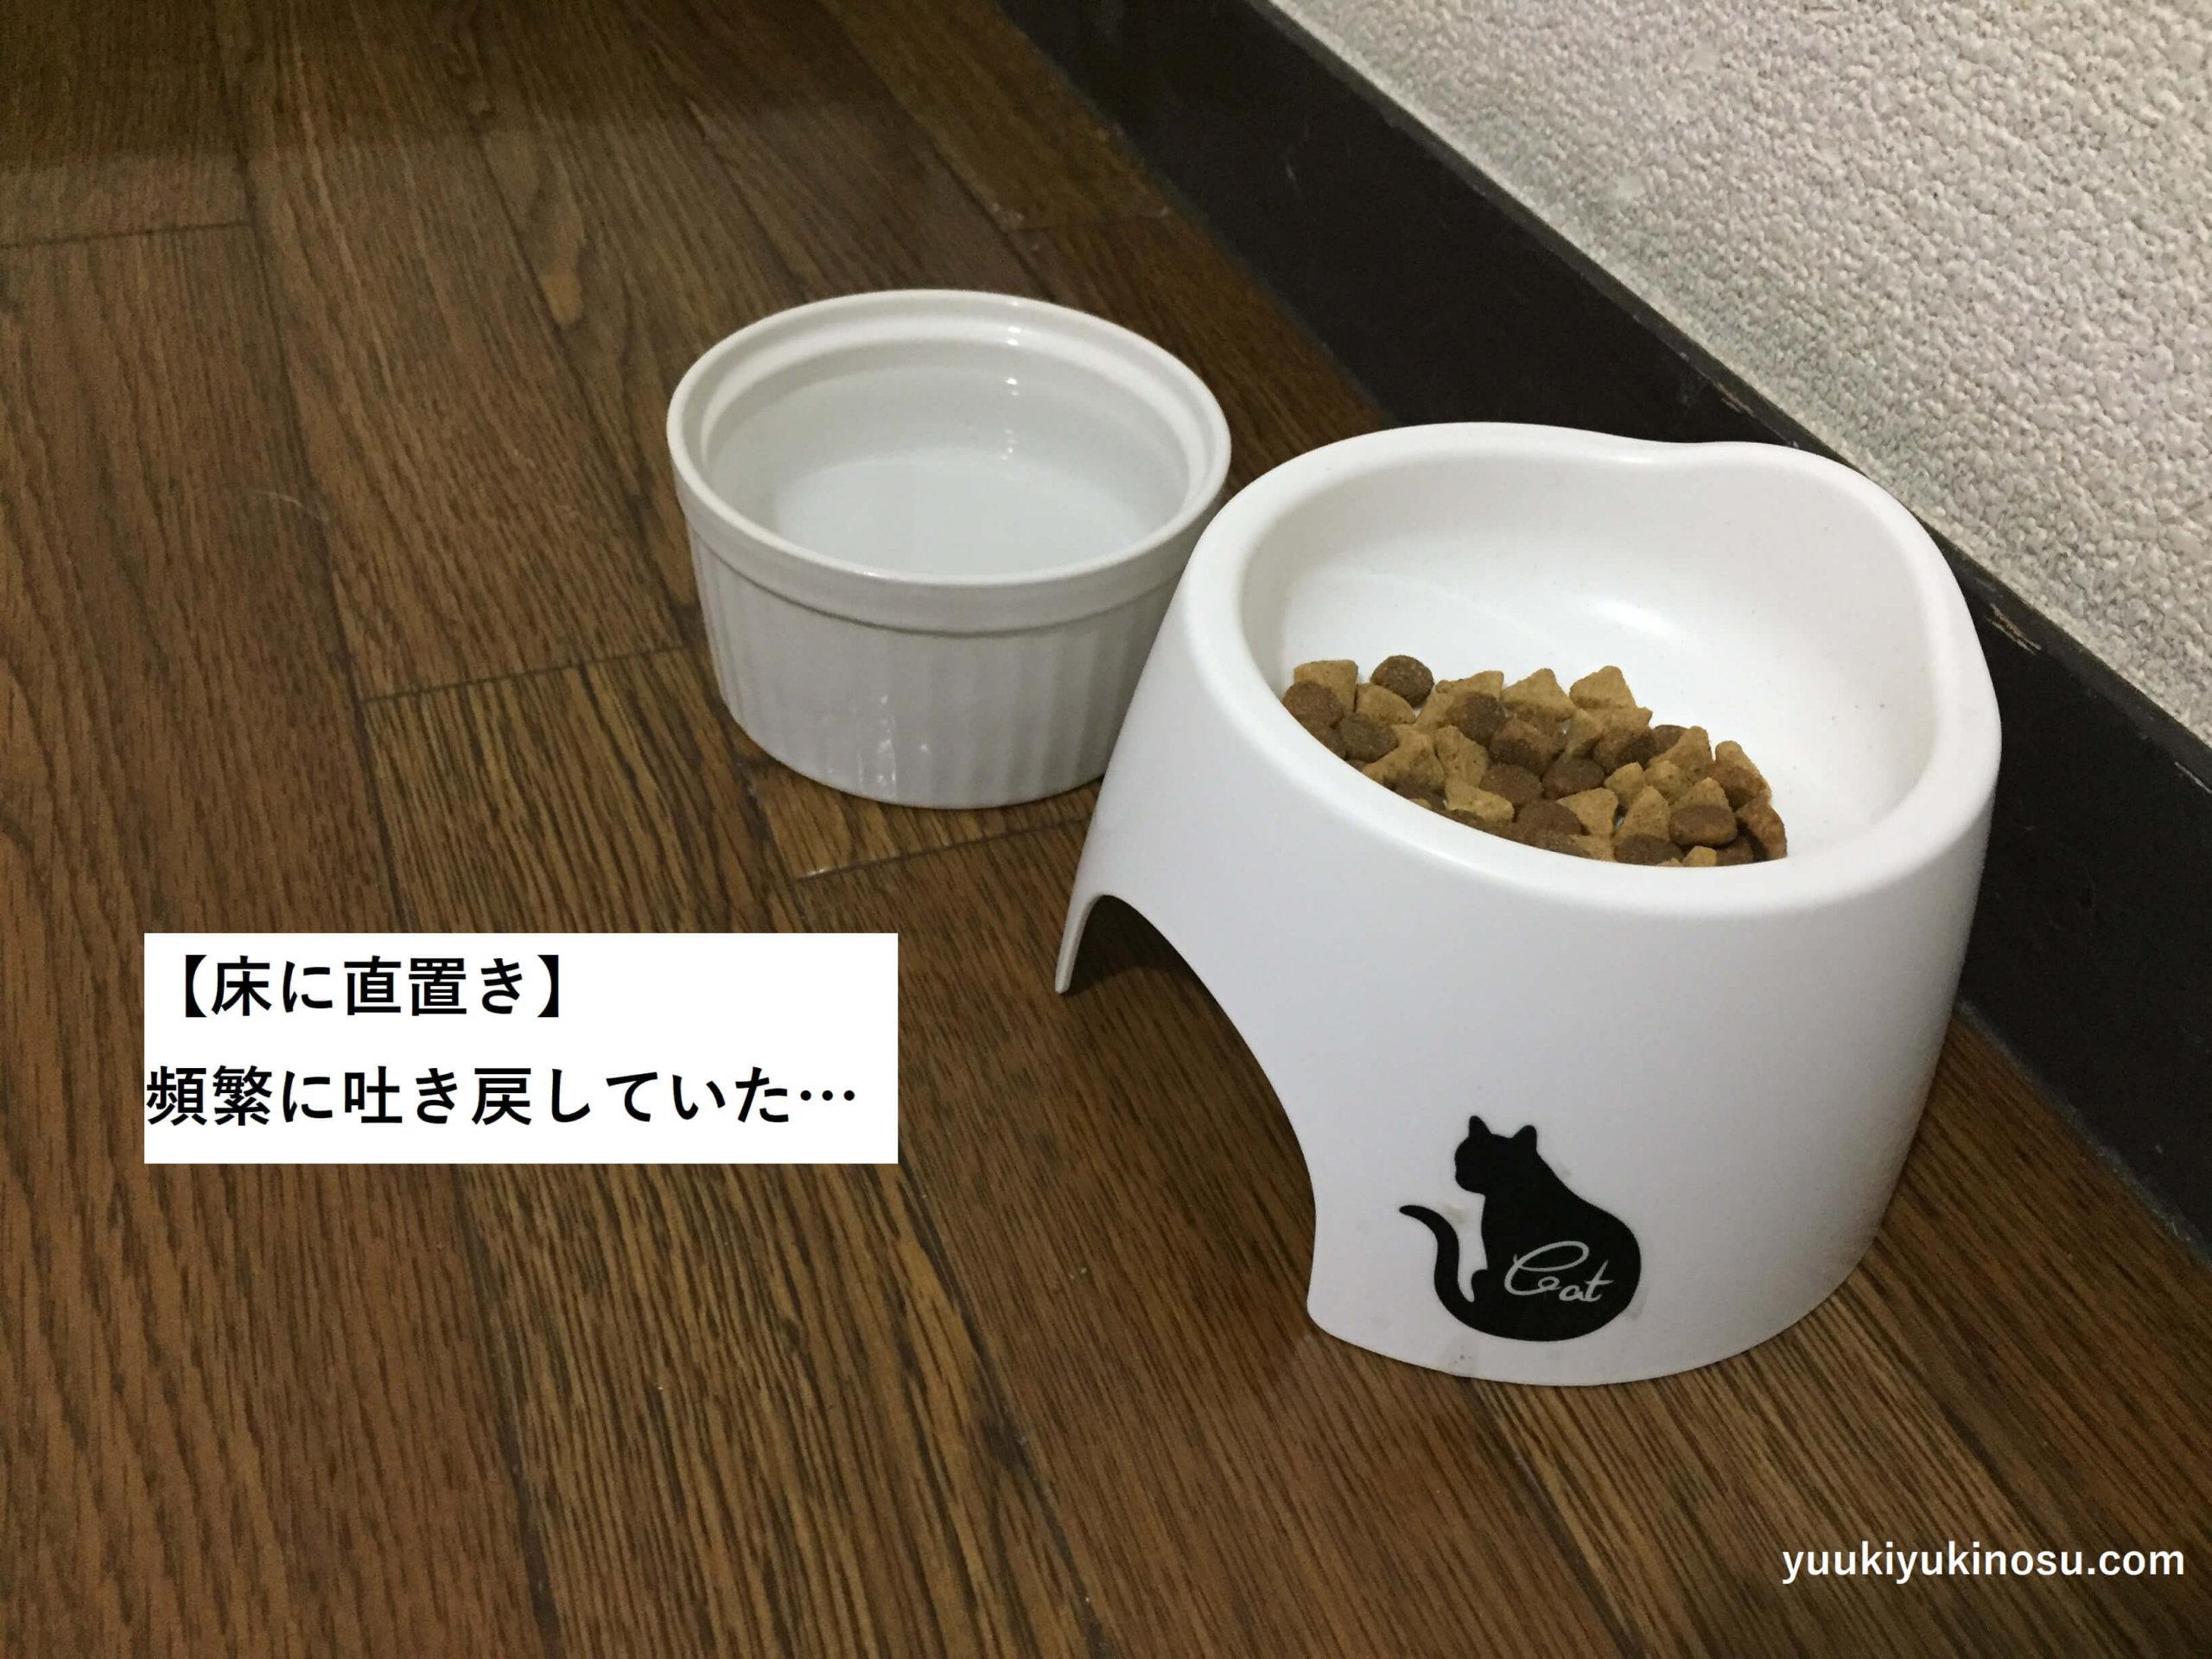 猫 吐き戻し 対策 防止 軽減 皿 食器 高さ 毛玉 逆流 100均 20cm